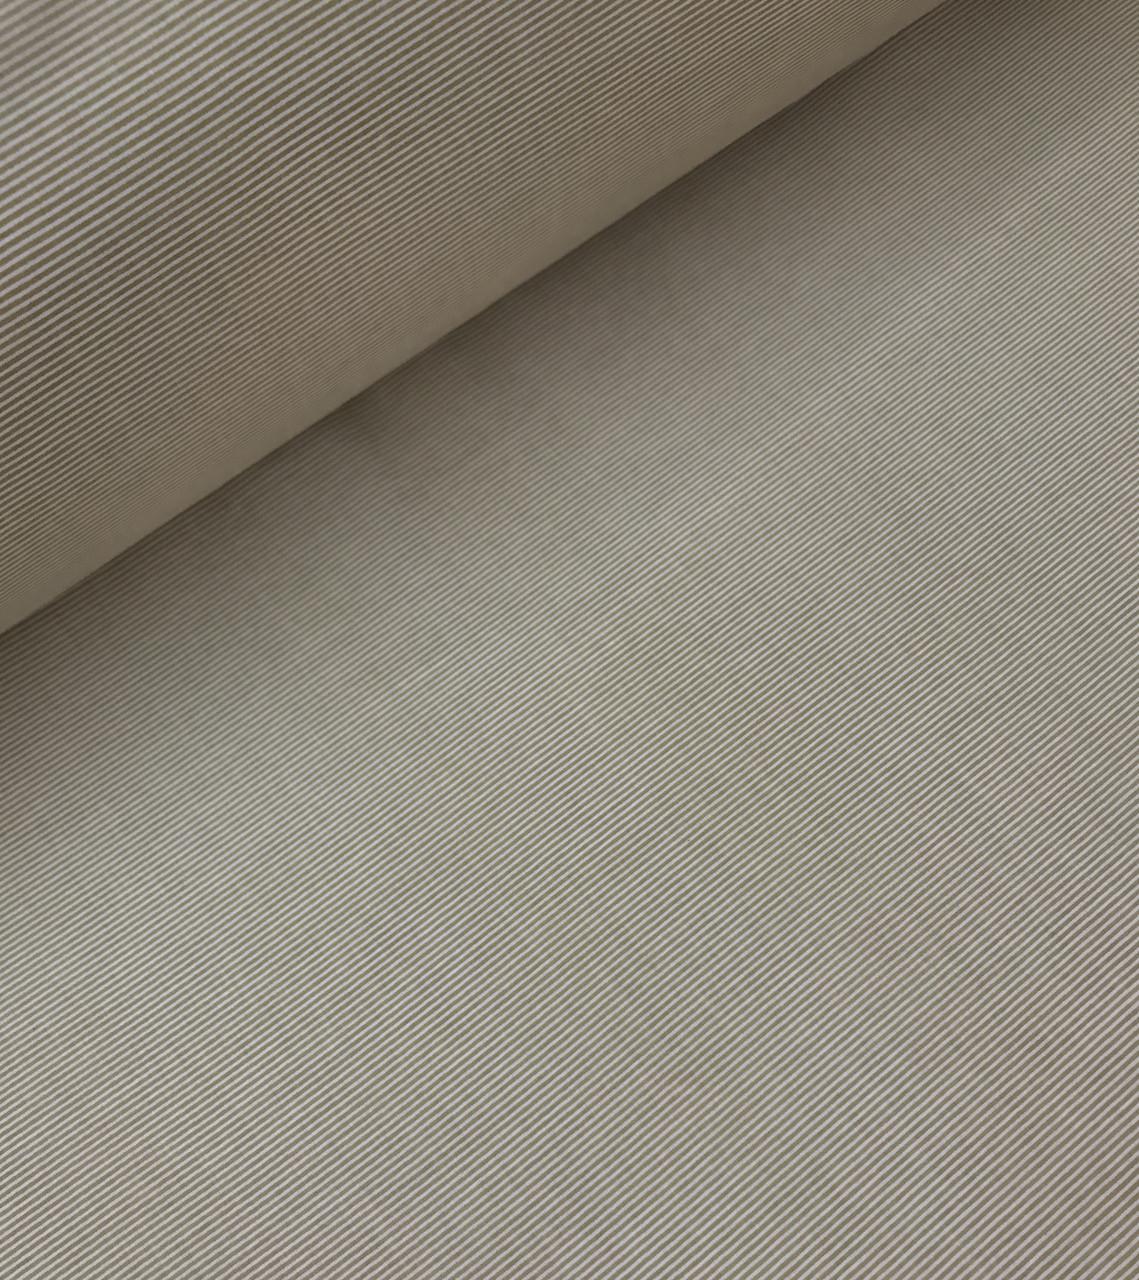 Хлопковая ткань польская темно бежевая полоска мелкая